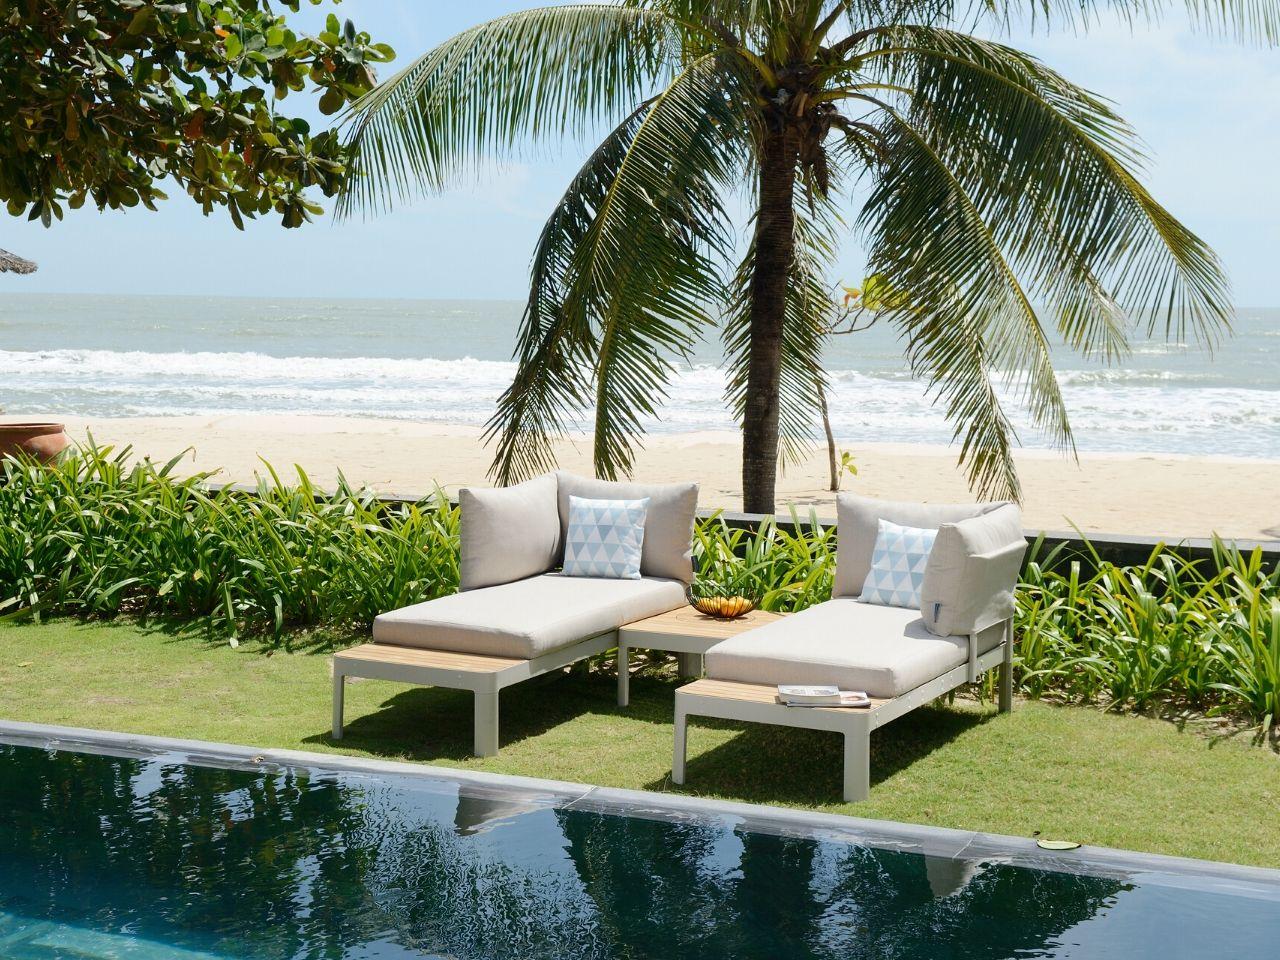 idee per arredare giardino con piscina chaise longue